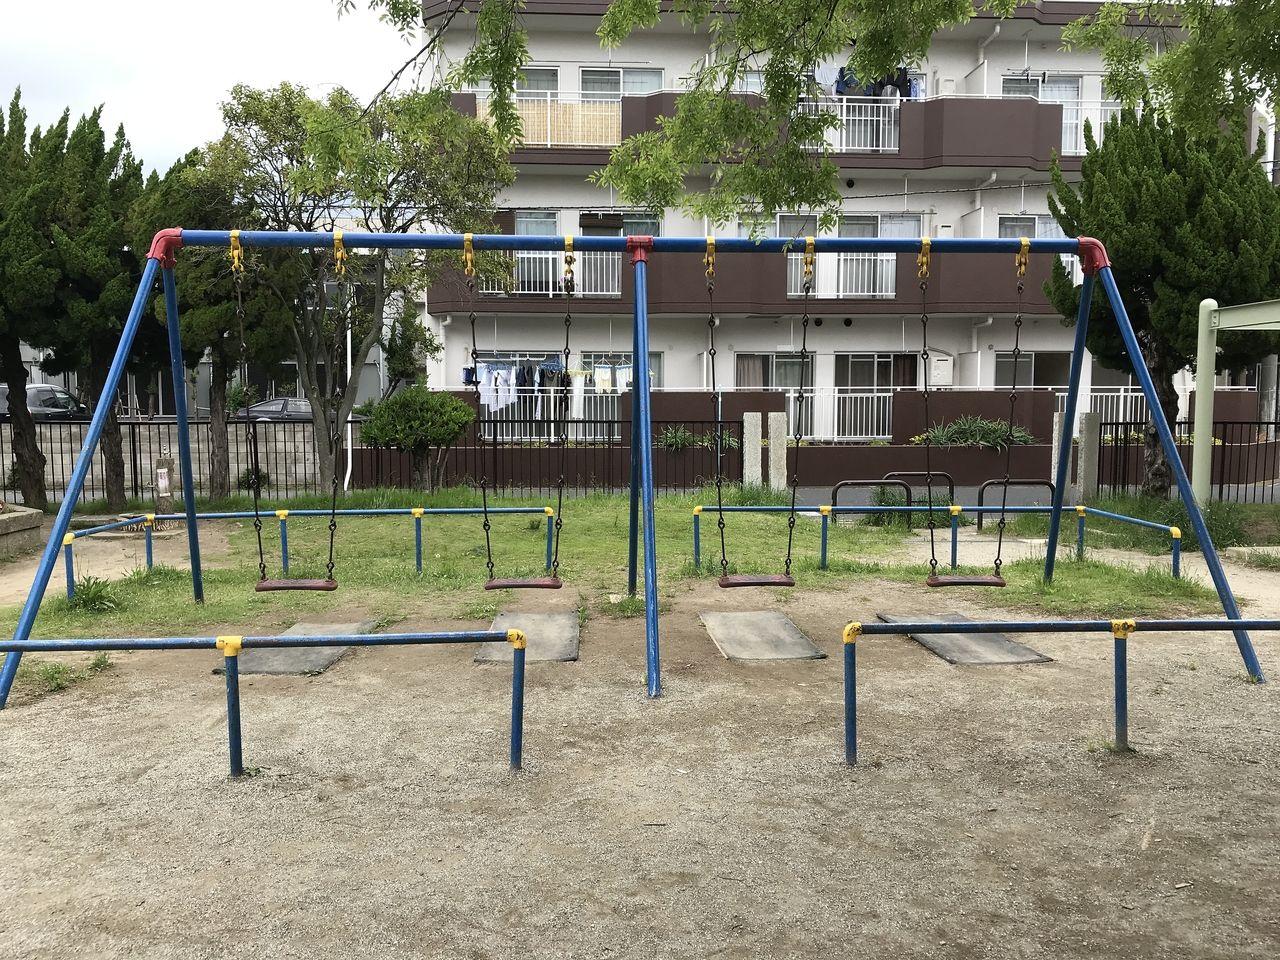 妙典の新宿前公園のブランコ